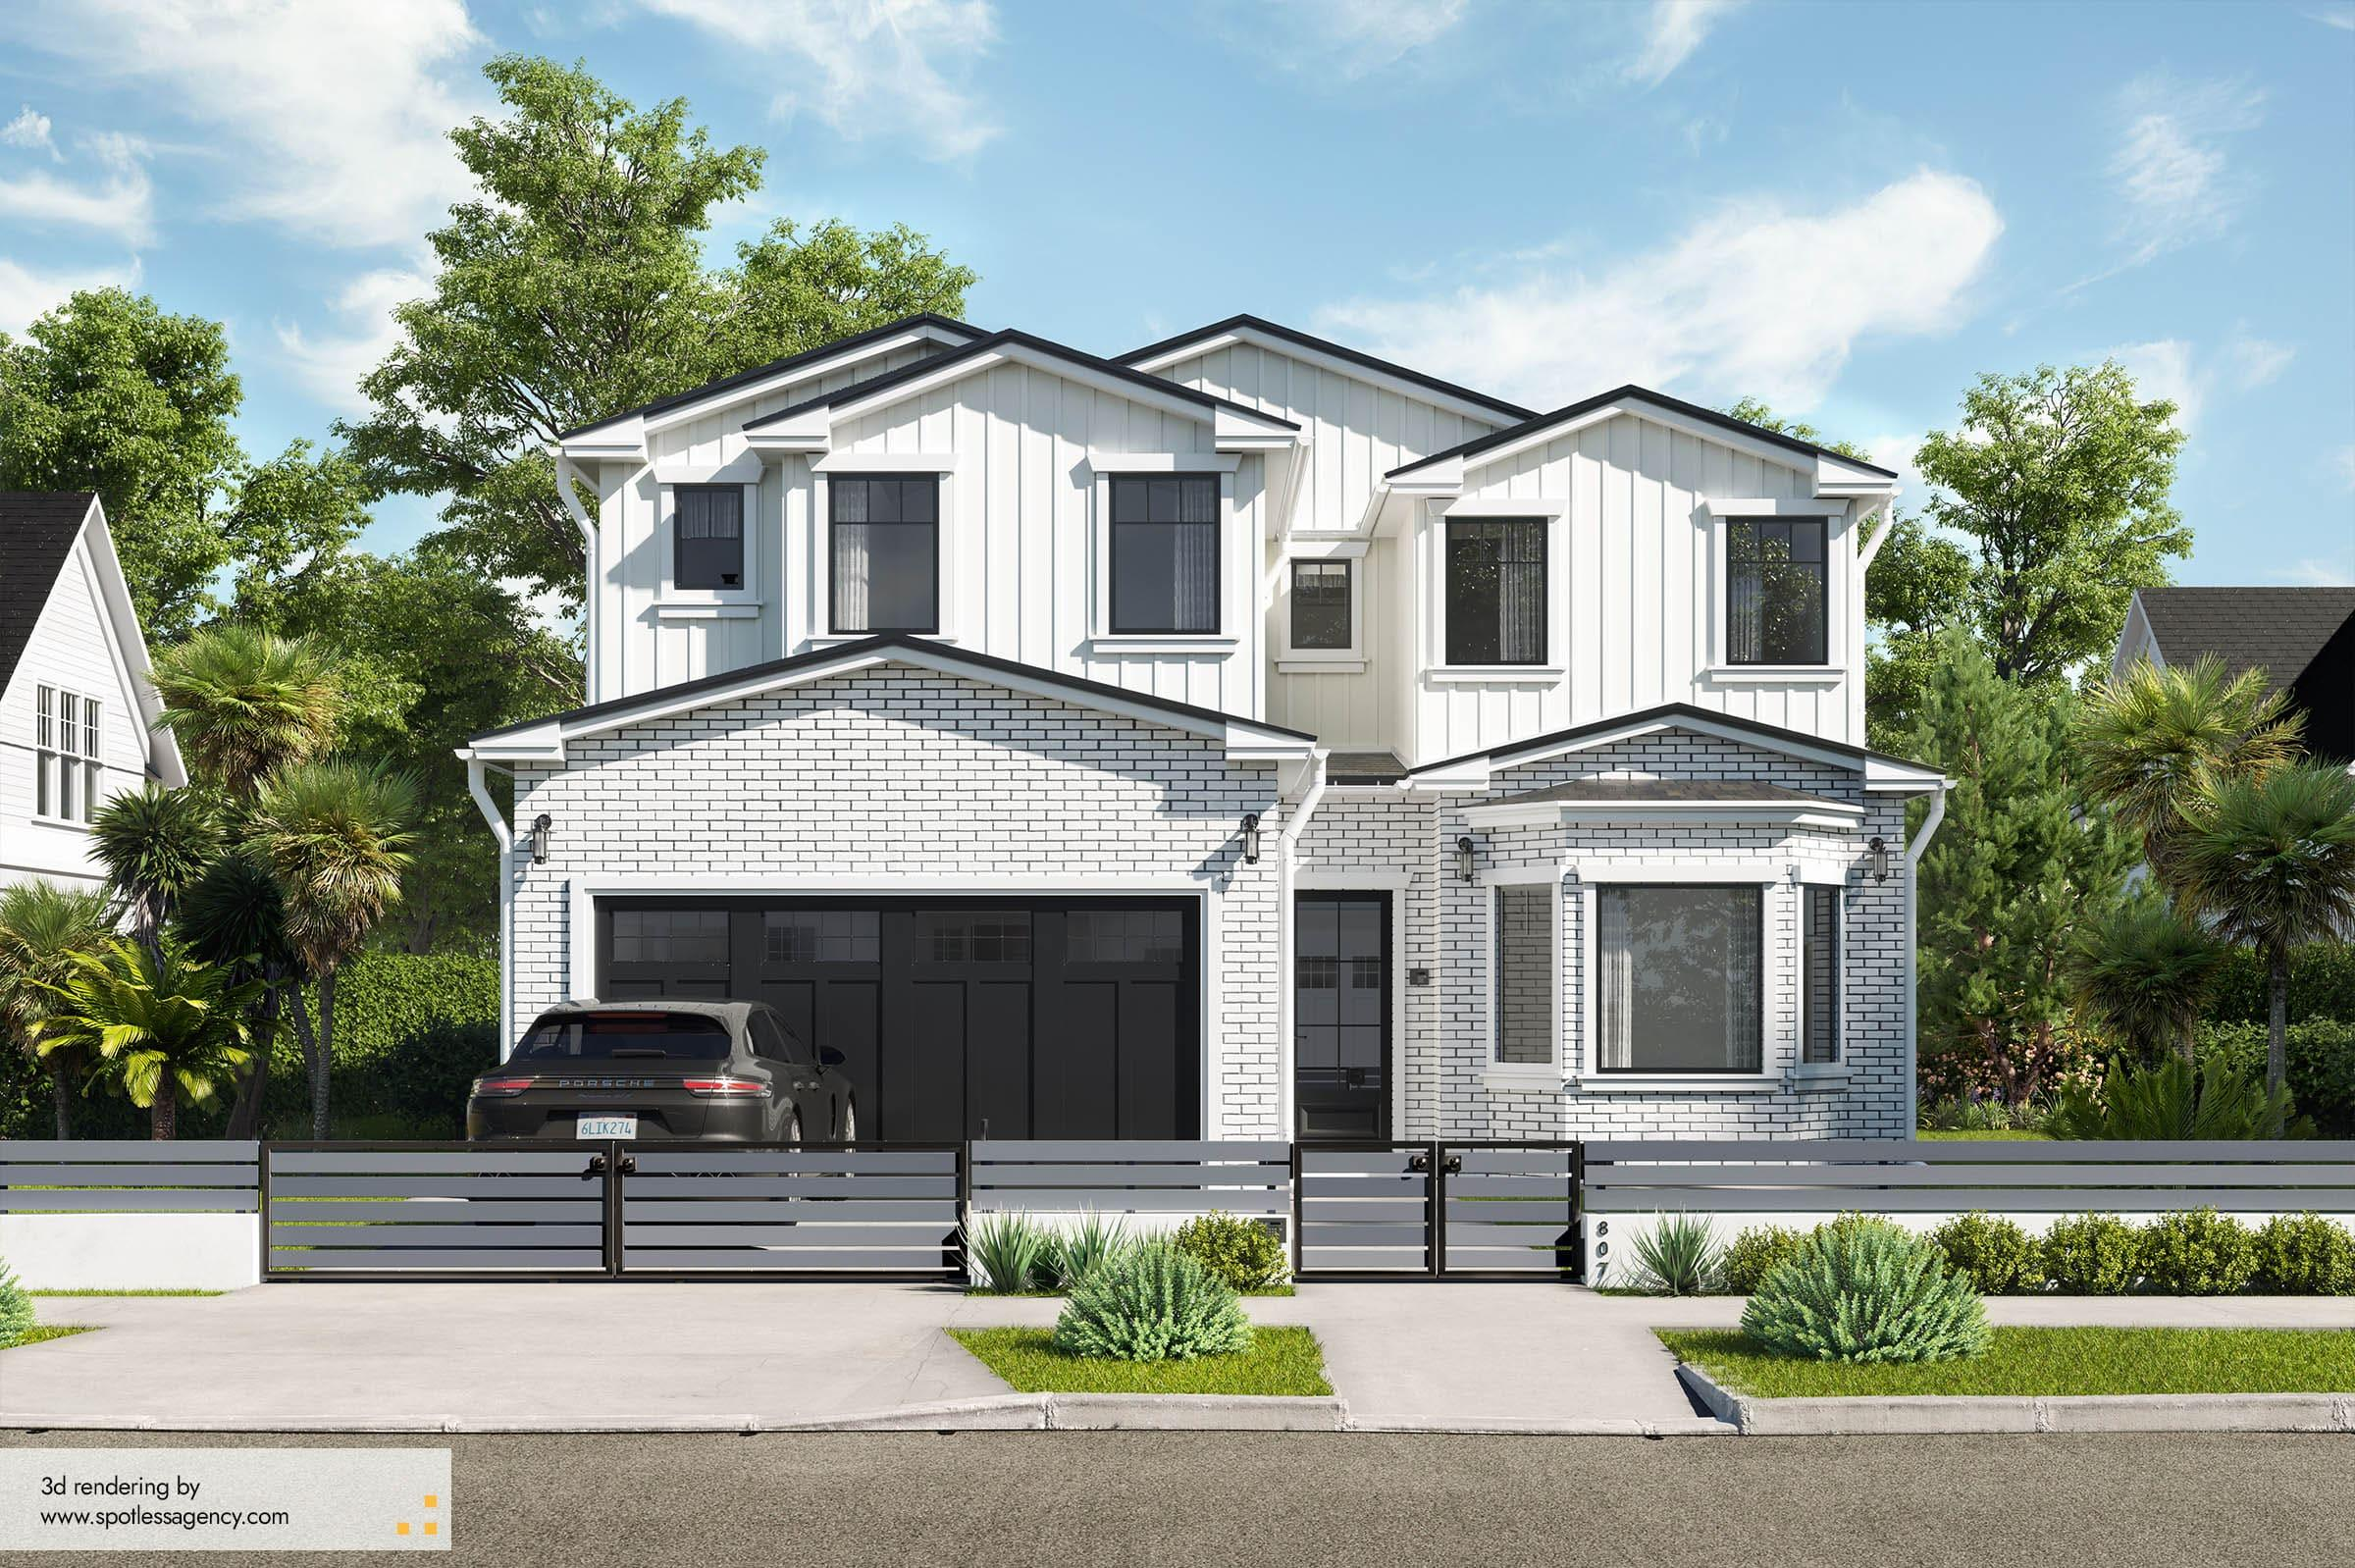 Residential House Renderings 3